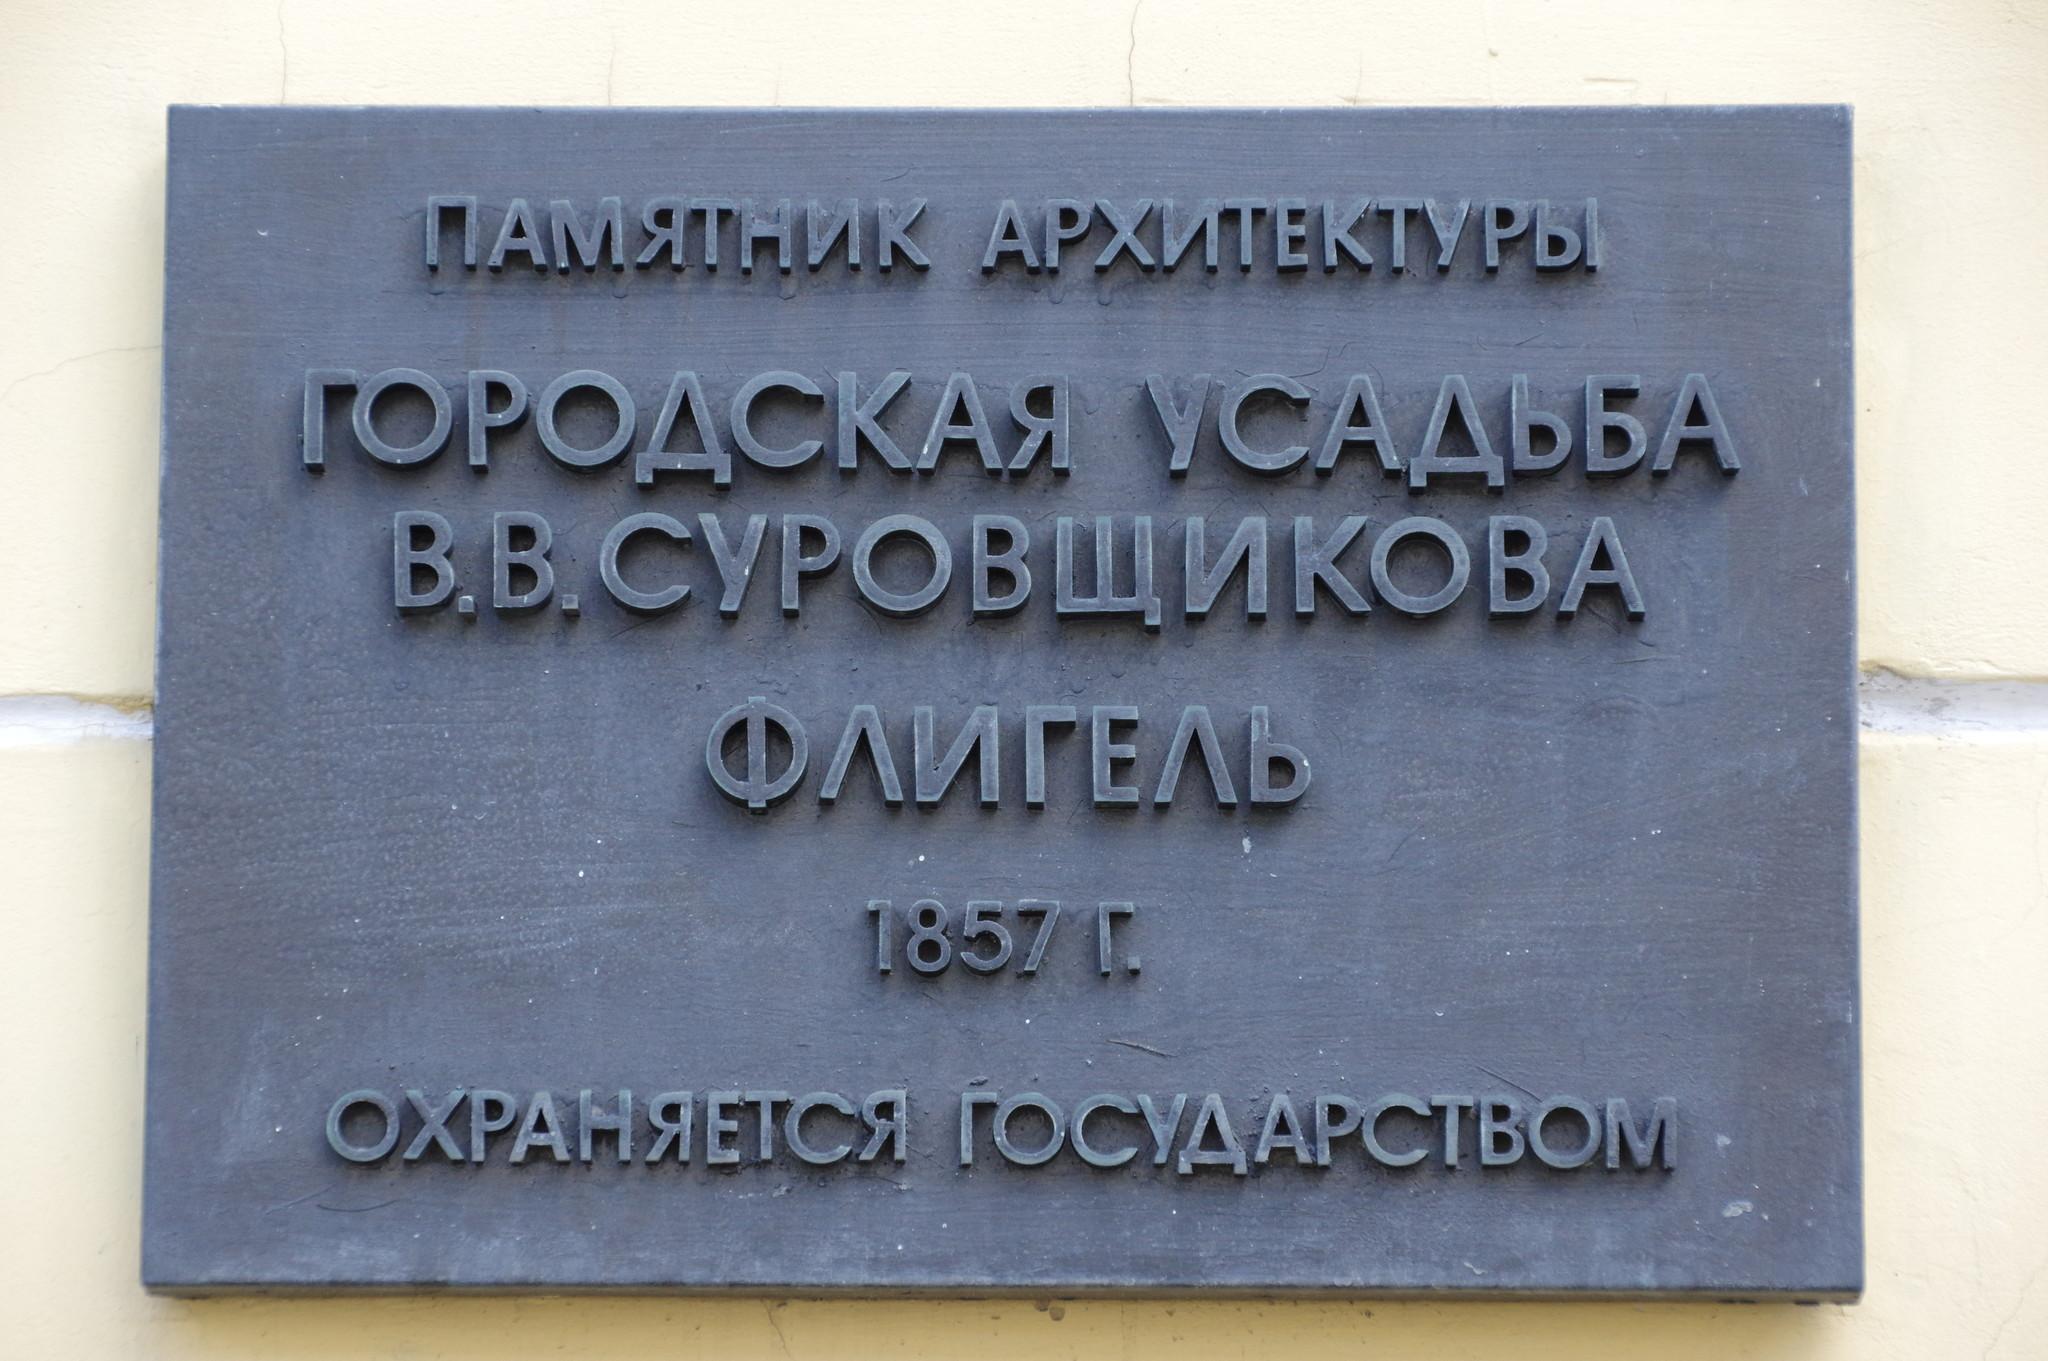 Городская усадьба В.В. Суровщикова (улица Пречистенка, дом 5, строение 1)